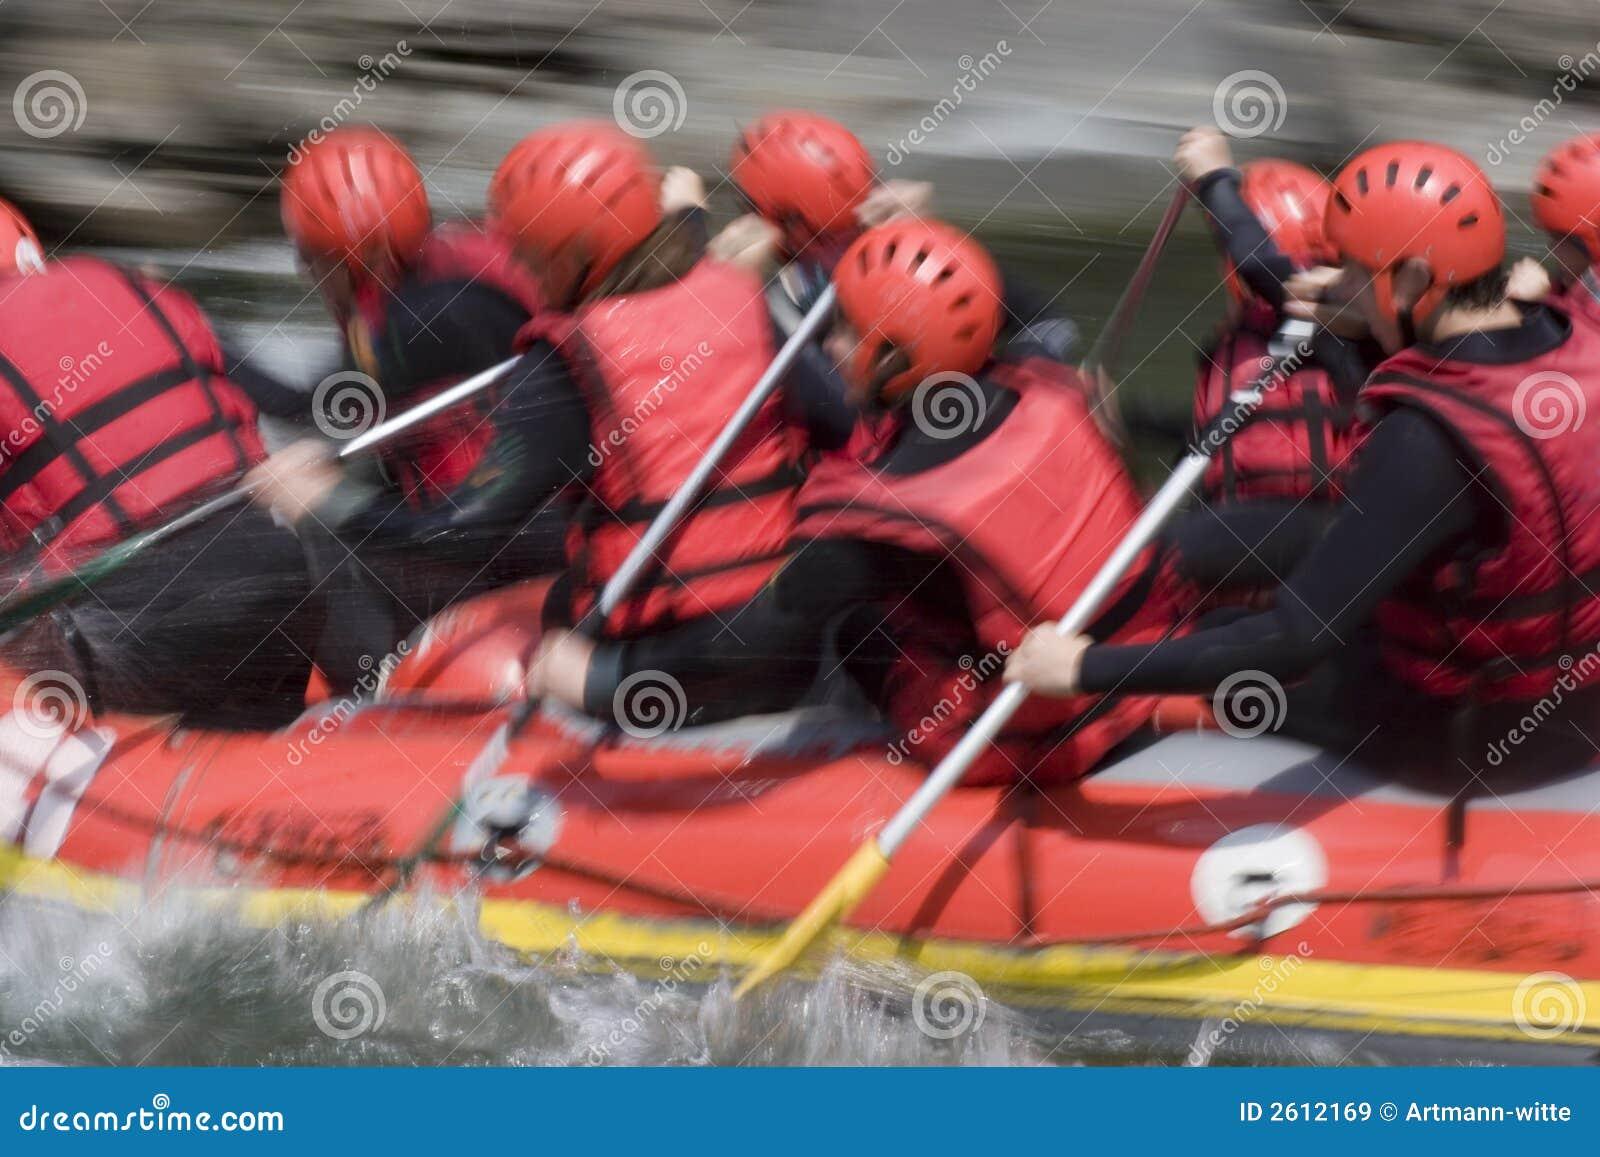 Rood rafting team op whitewater